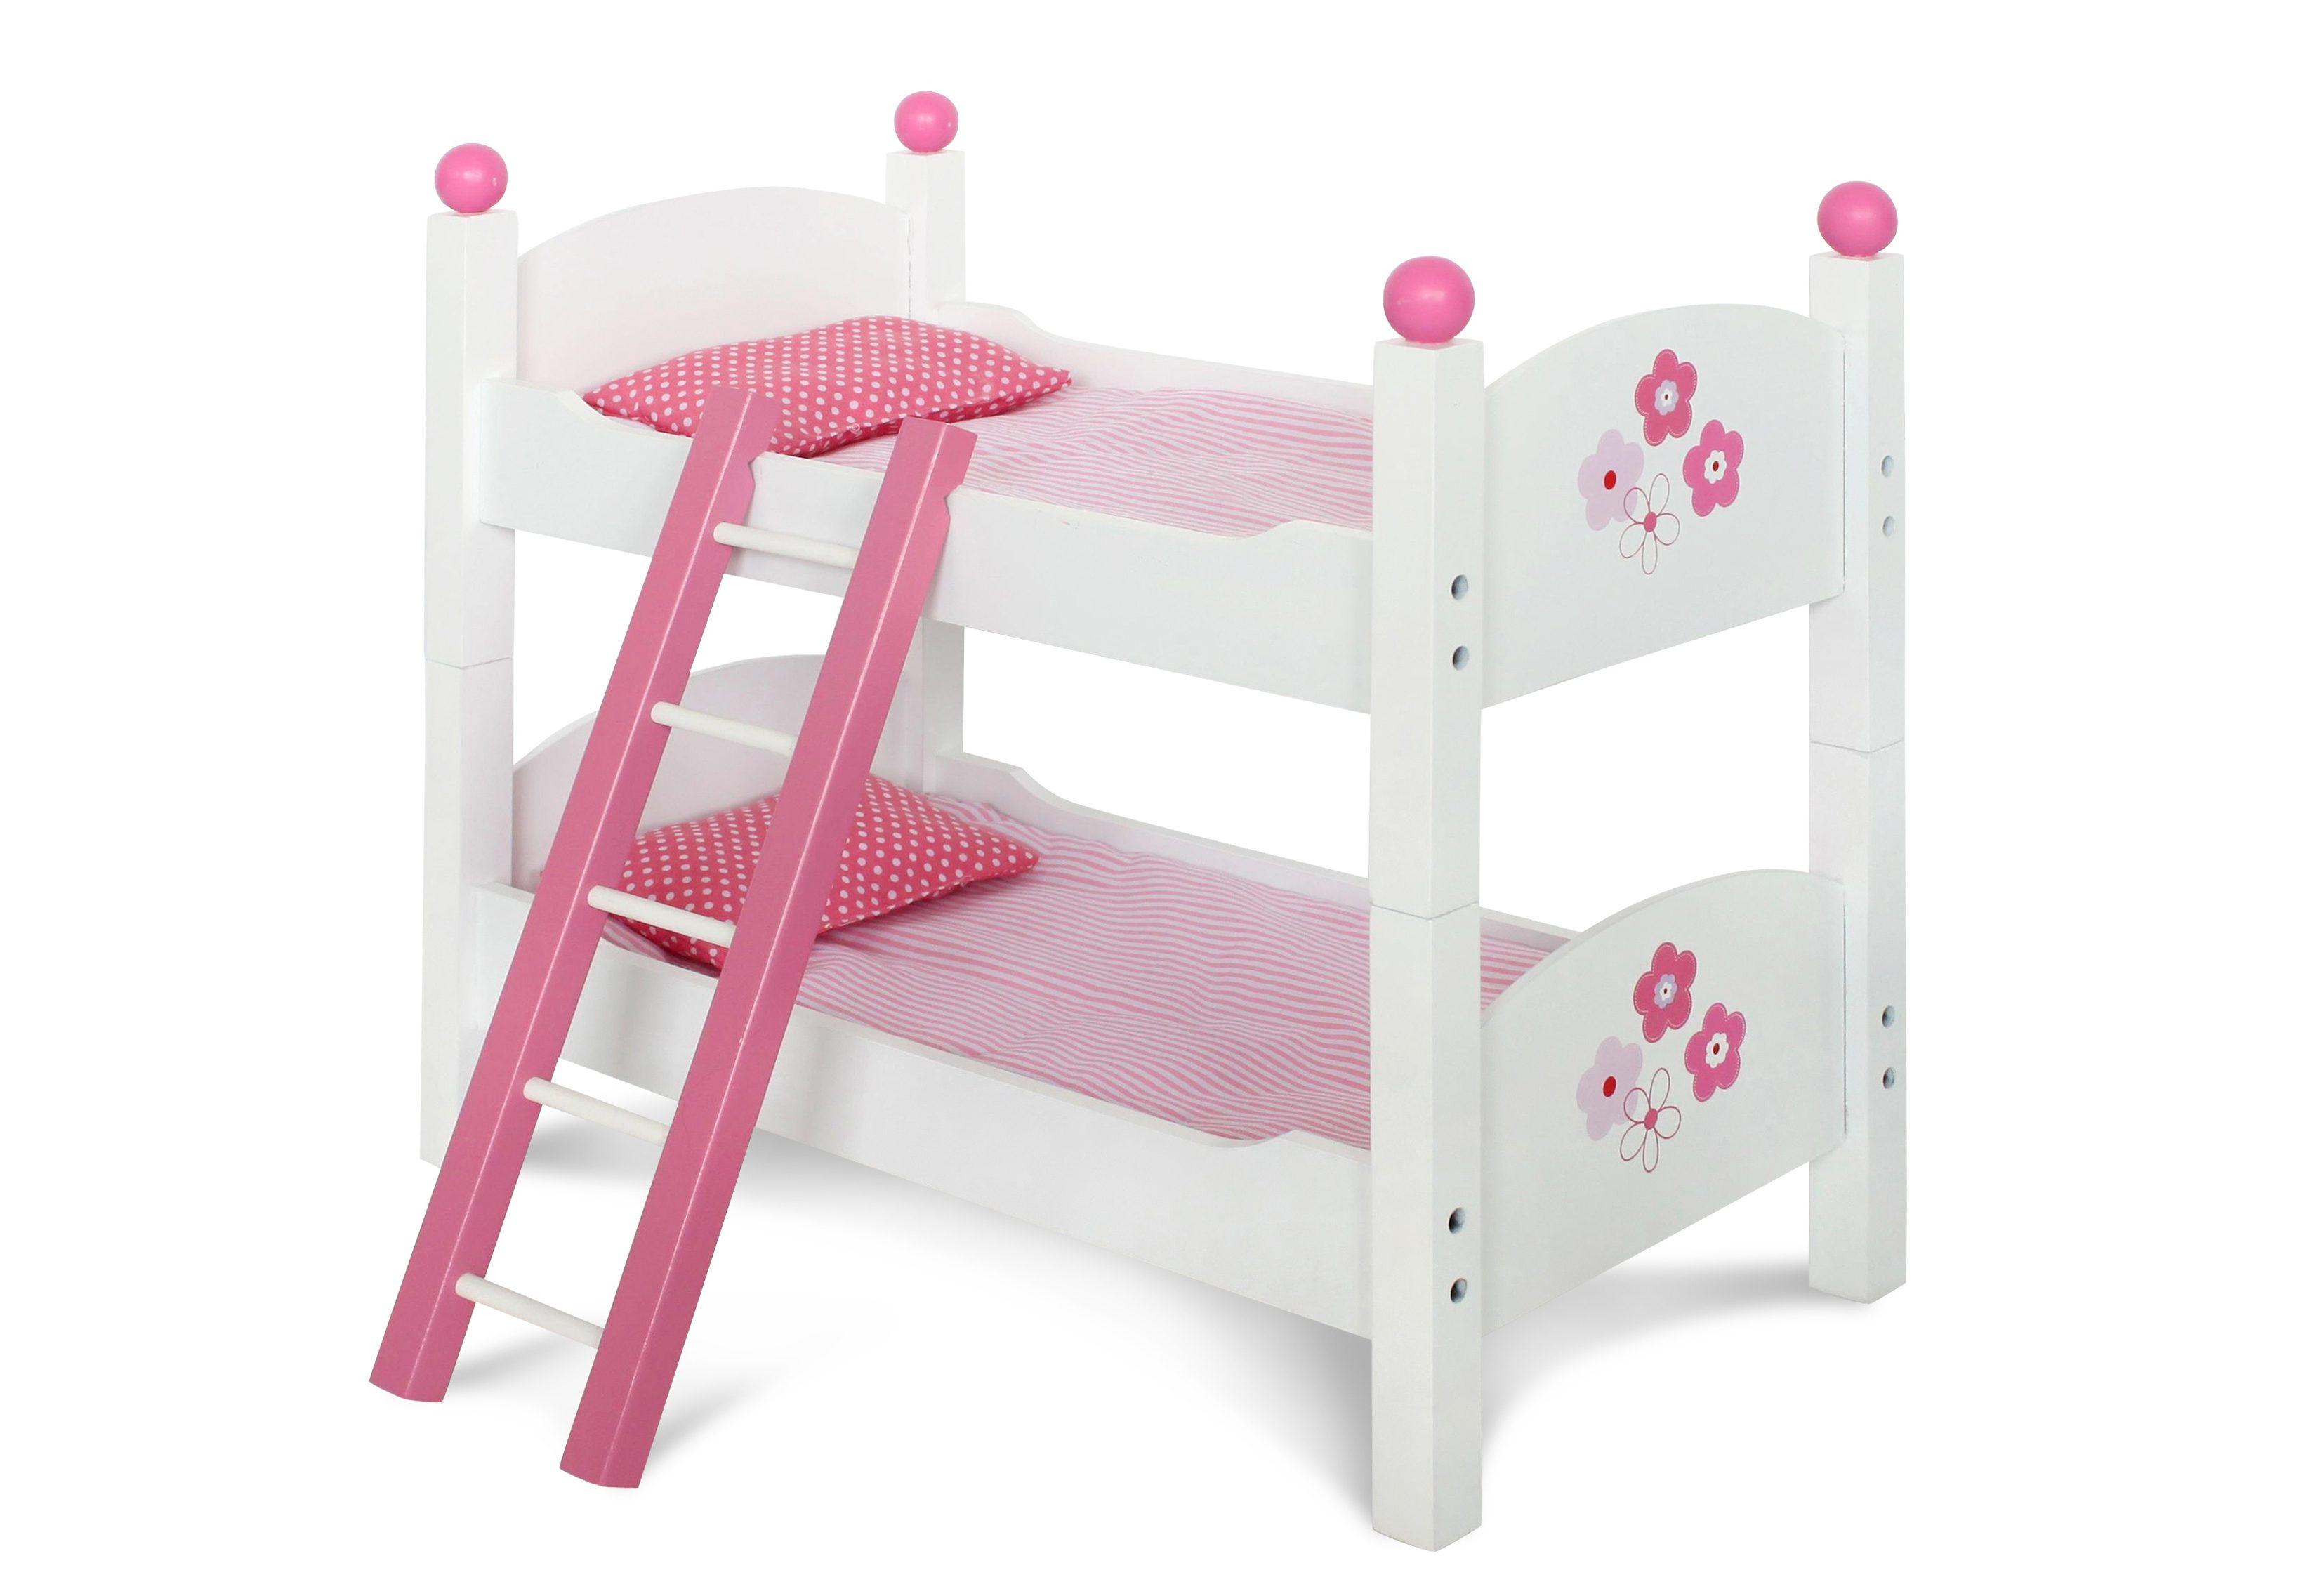 Puppenbett Etagenbett Holz : Etagenbett holz gebraucht kaufen nur st bis günstiger